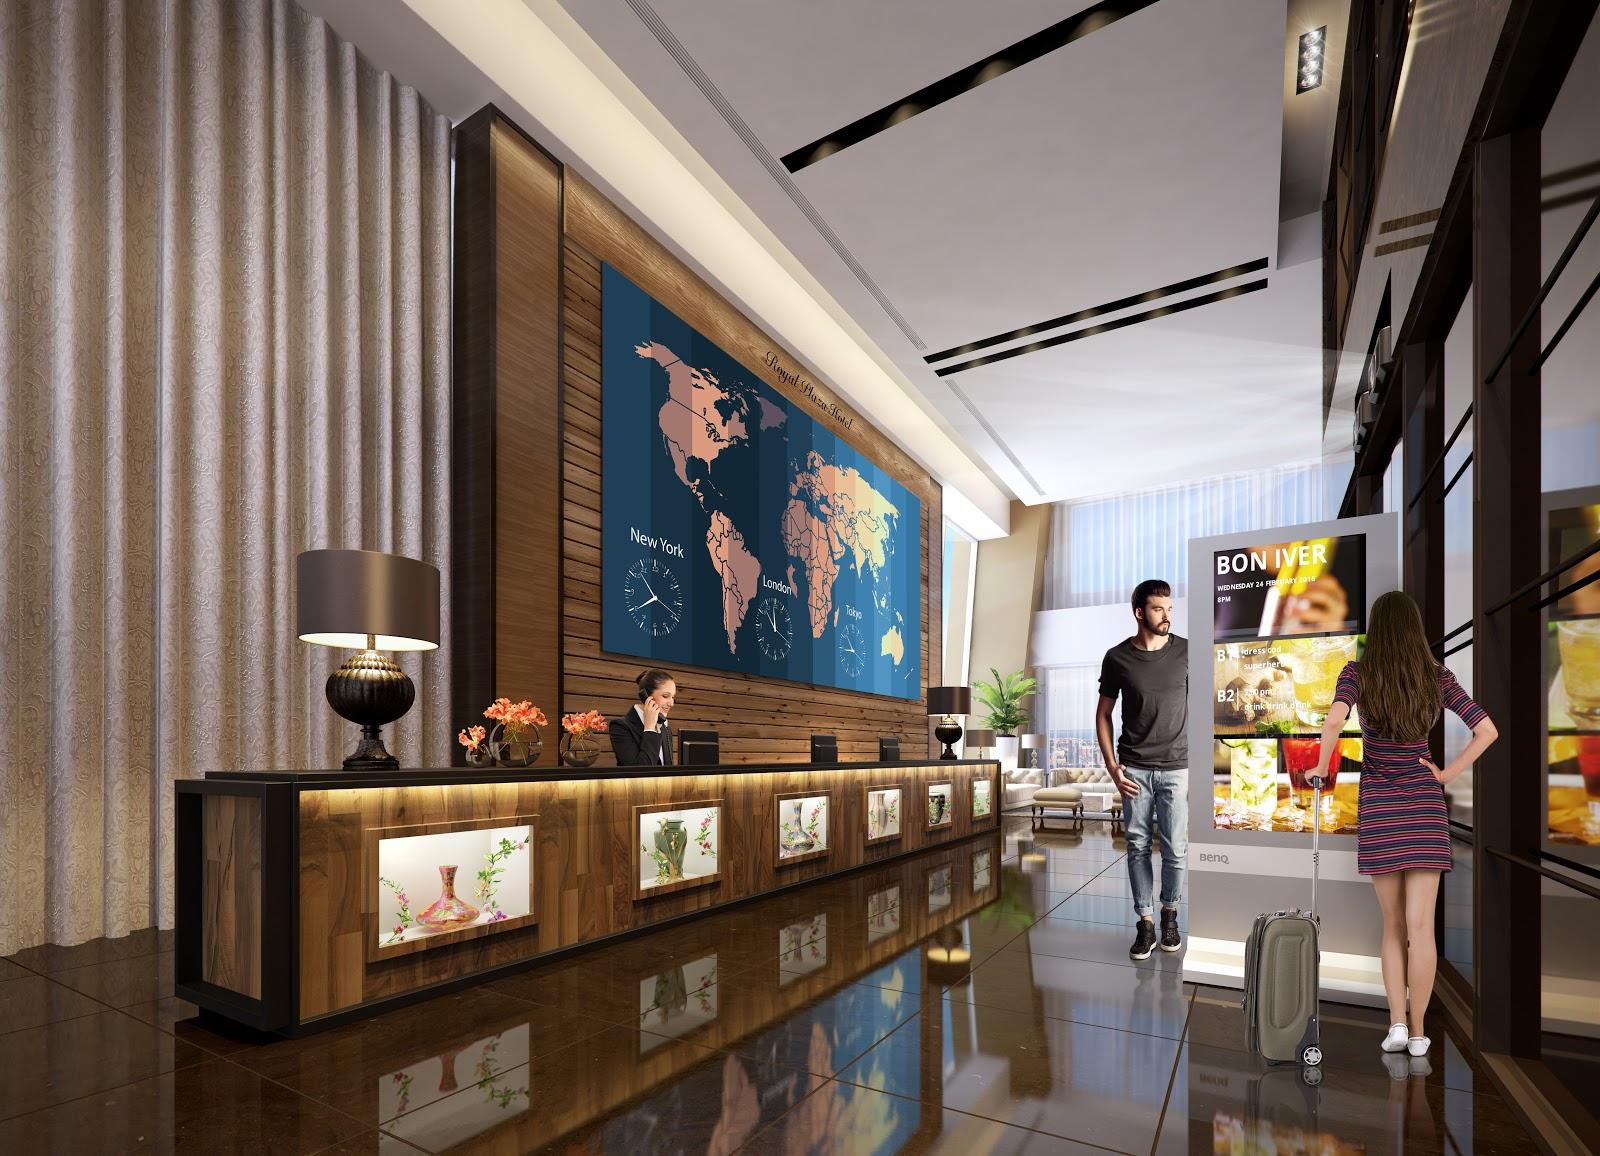 Torne o seu hotel mais atraente com diferentes soluções tecnológicas